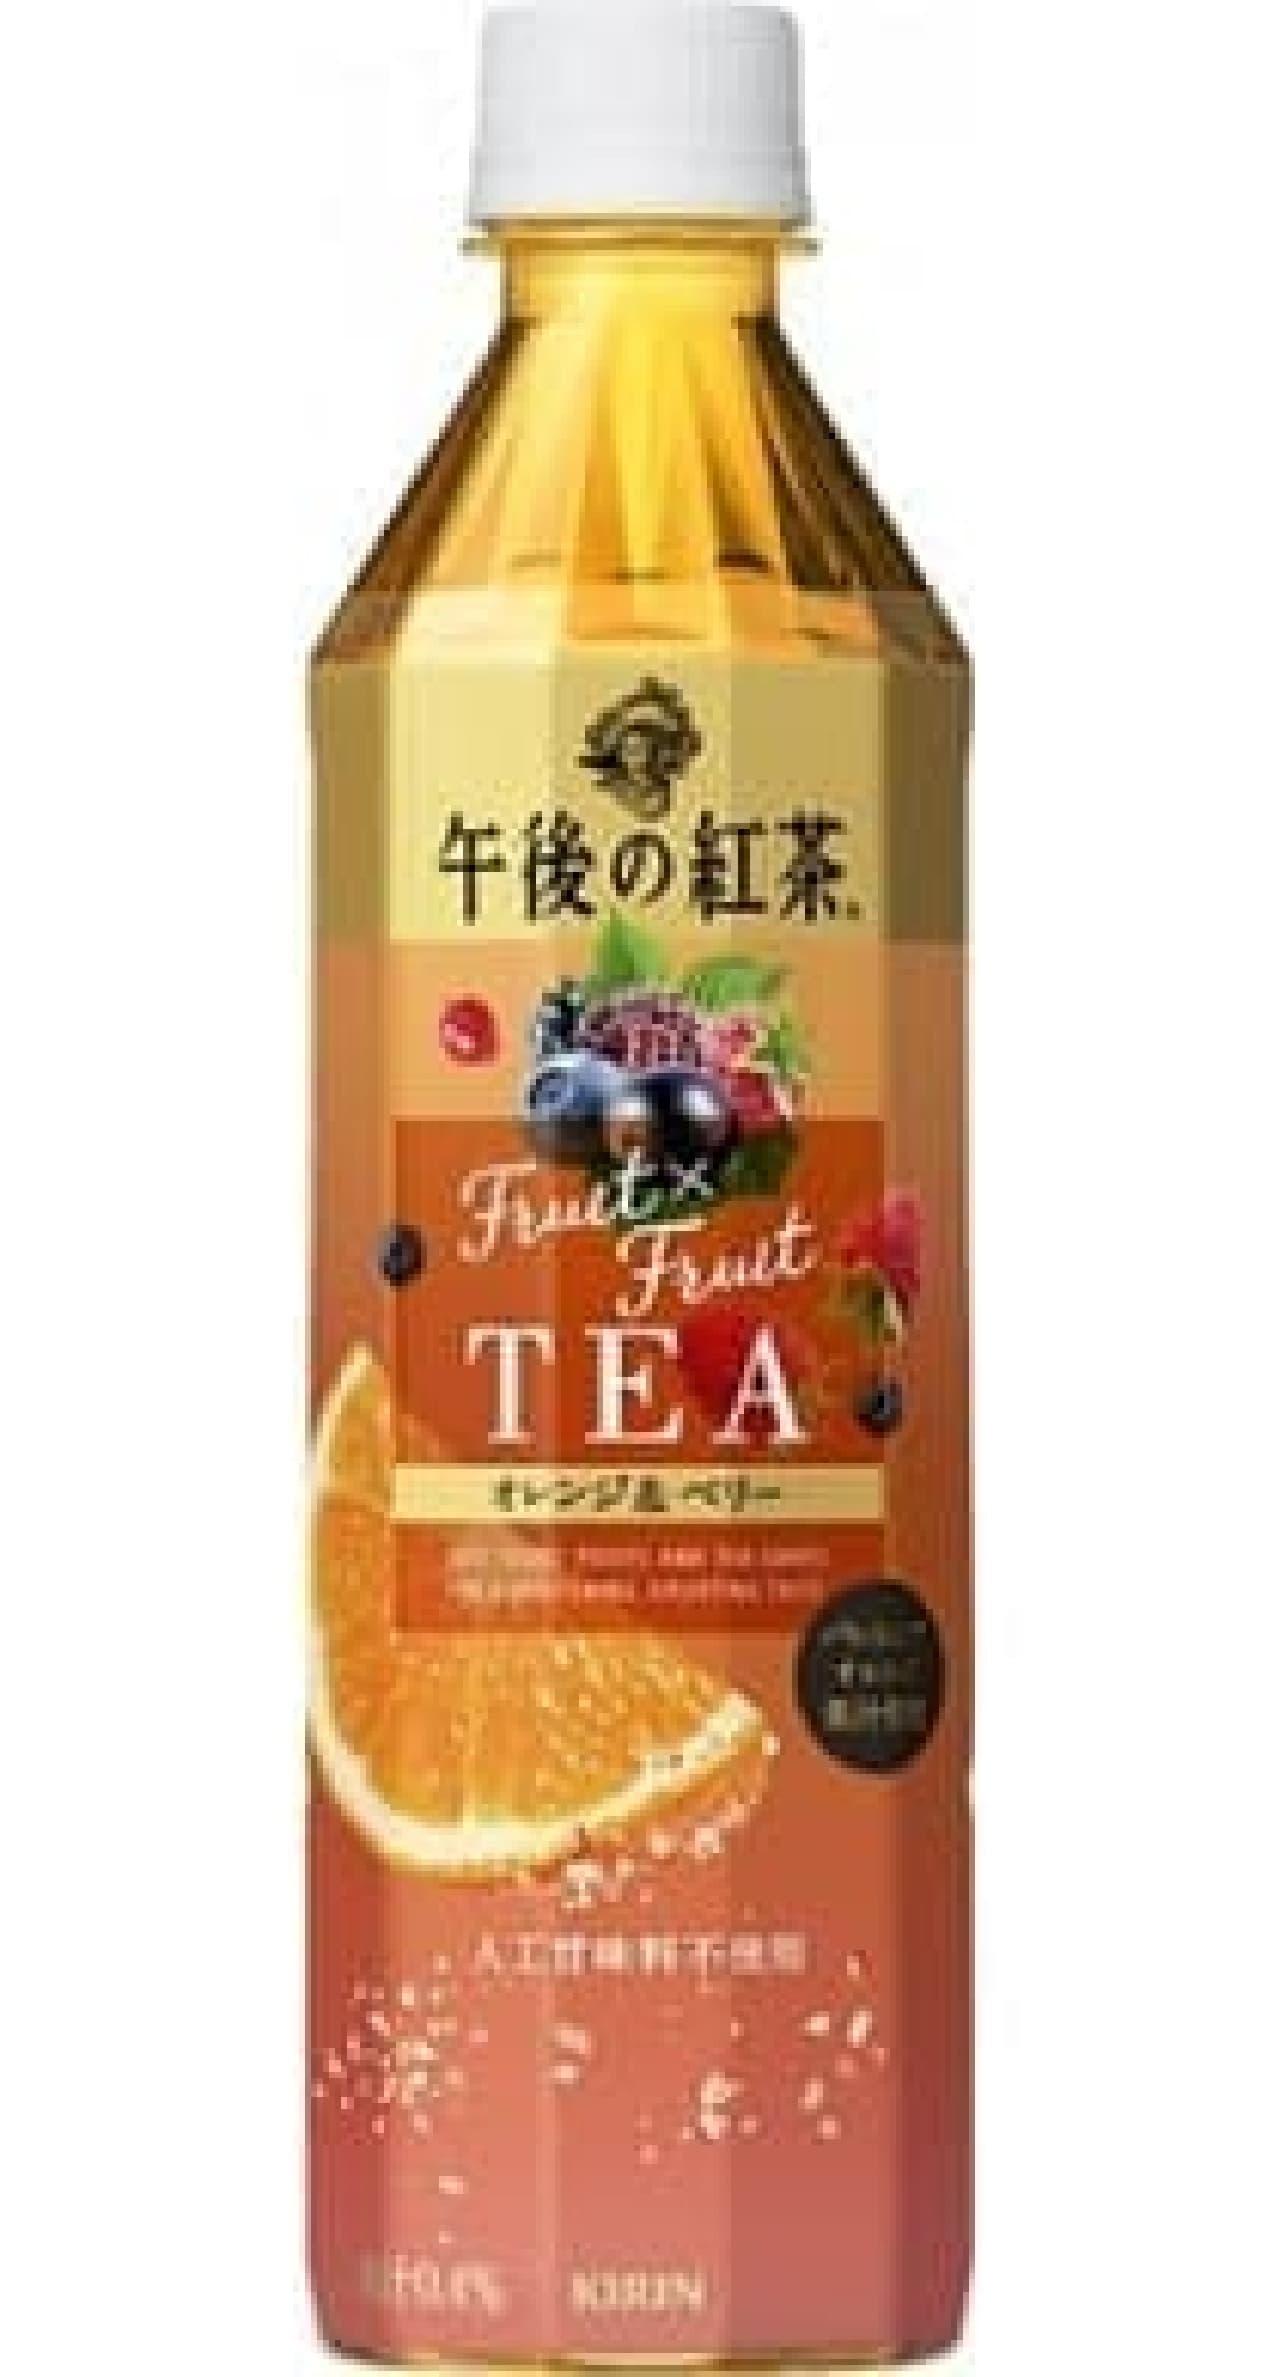 キリン 午後の紅茶Fruit×Fruit TEA オレンジ&ベリー